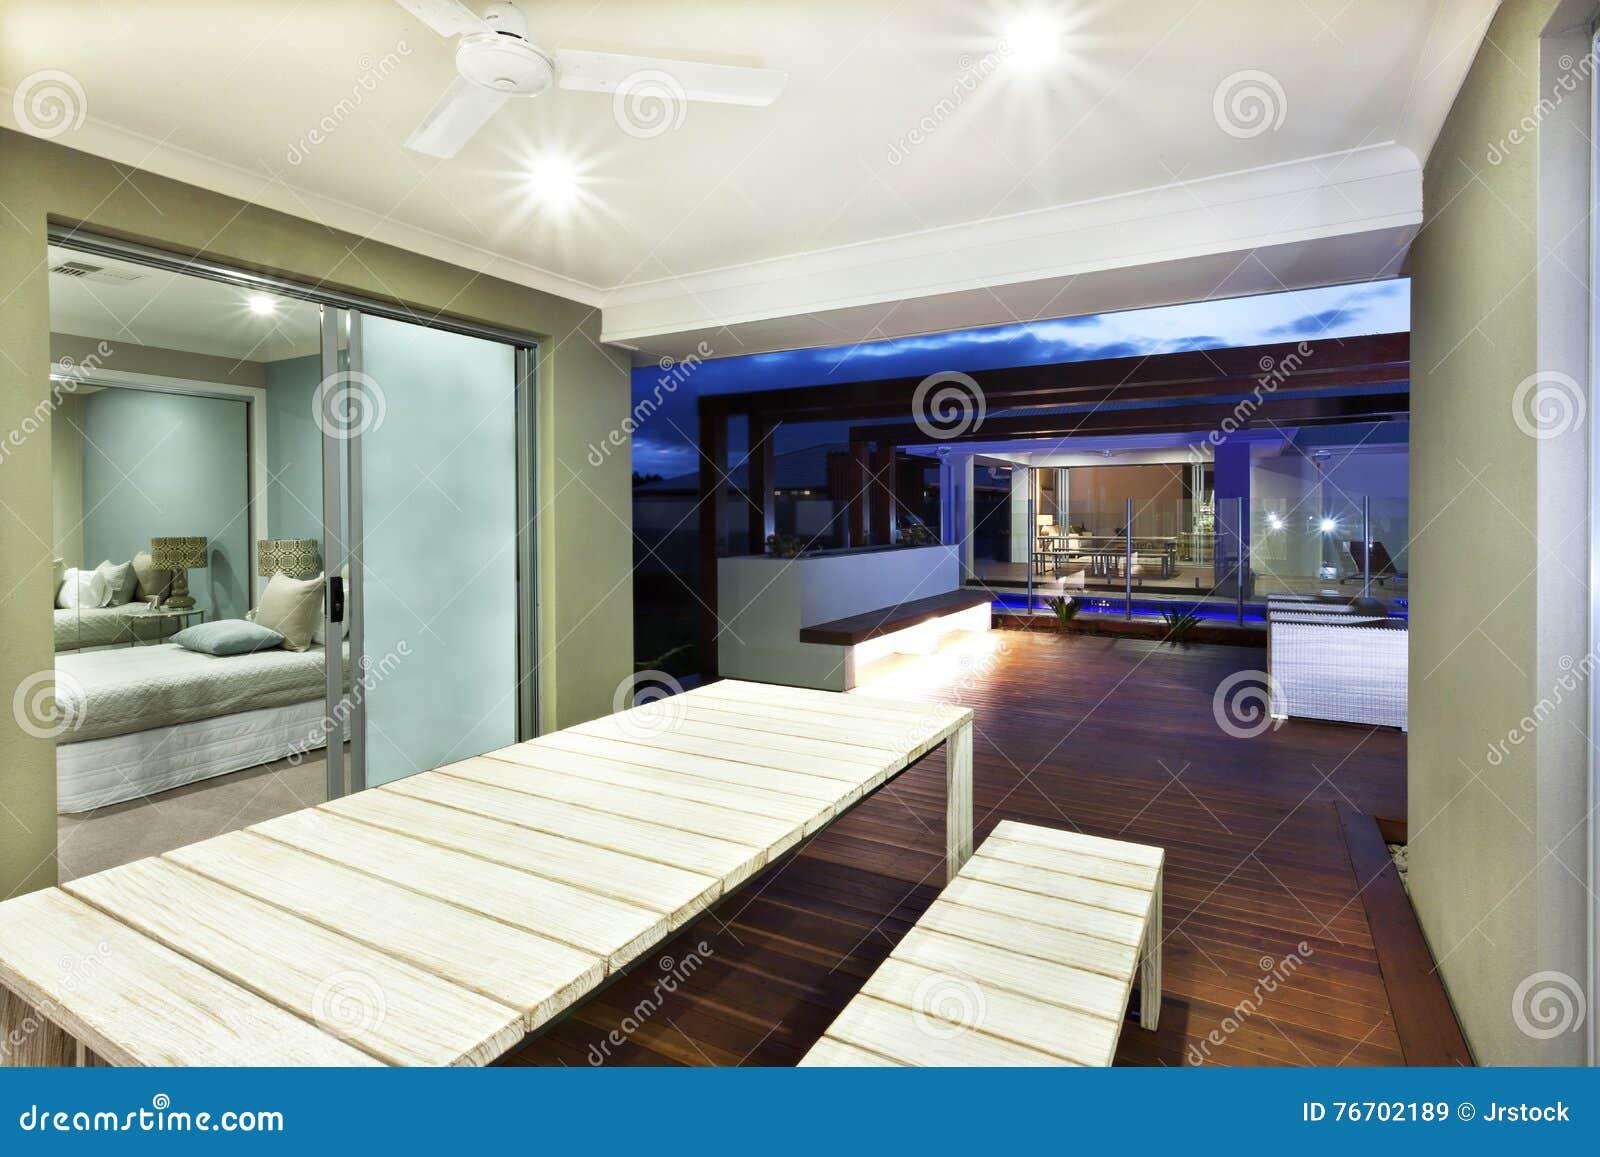 Maison Moderne Avec Patio Interieur Éclairage intérieur d'une maison avec le secteur de patio la